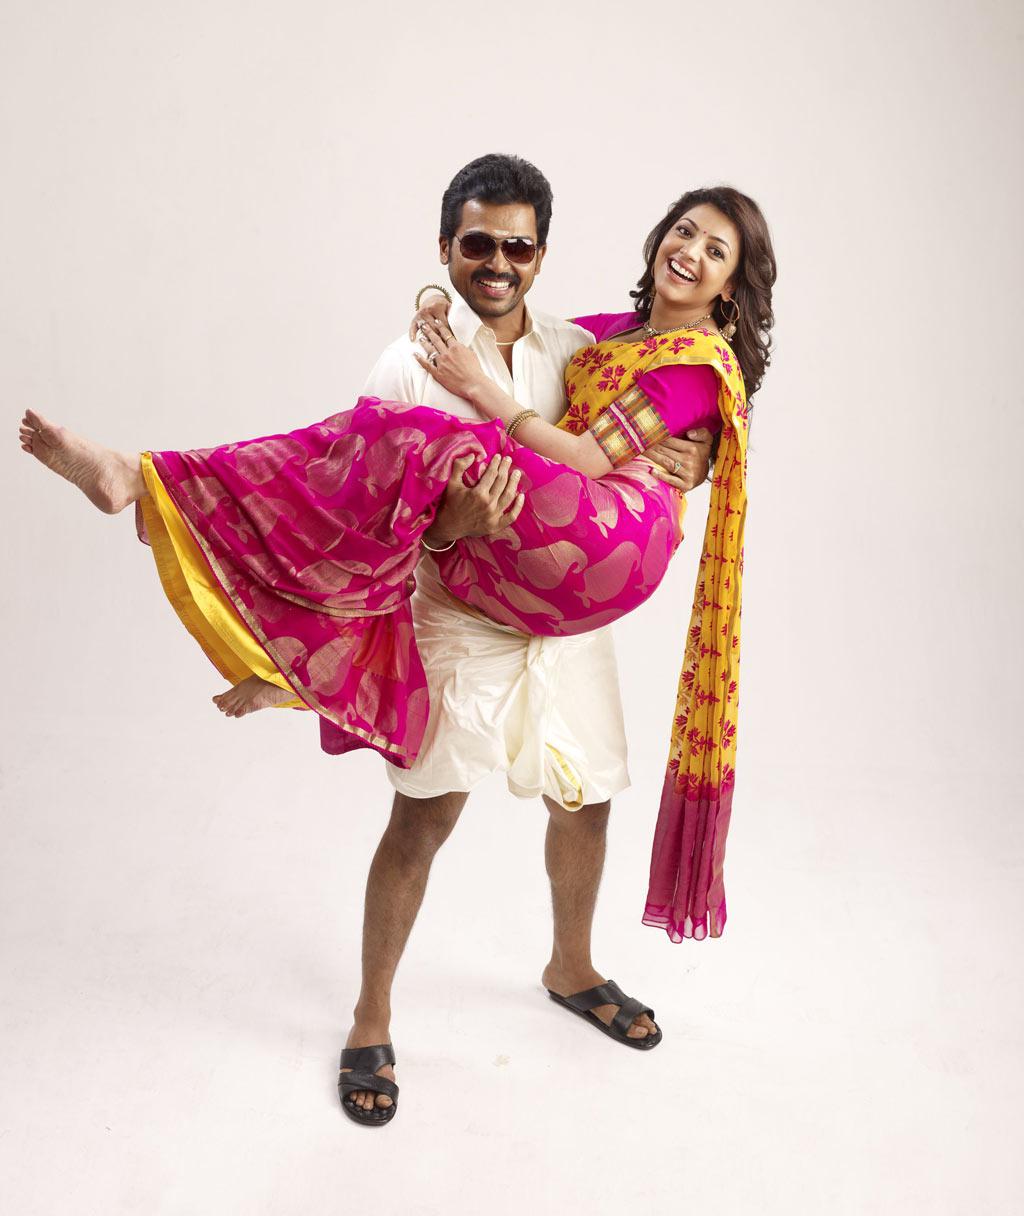 All+In+All+Azhaguraja+Tamil+Movie+Stills+10.jpg